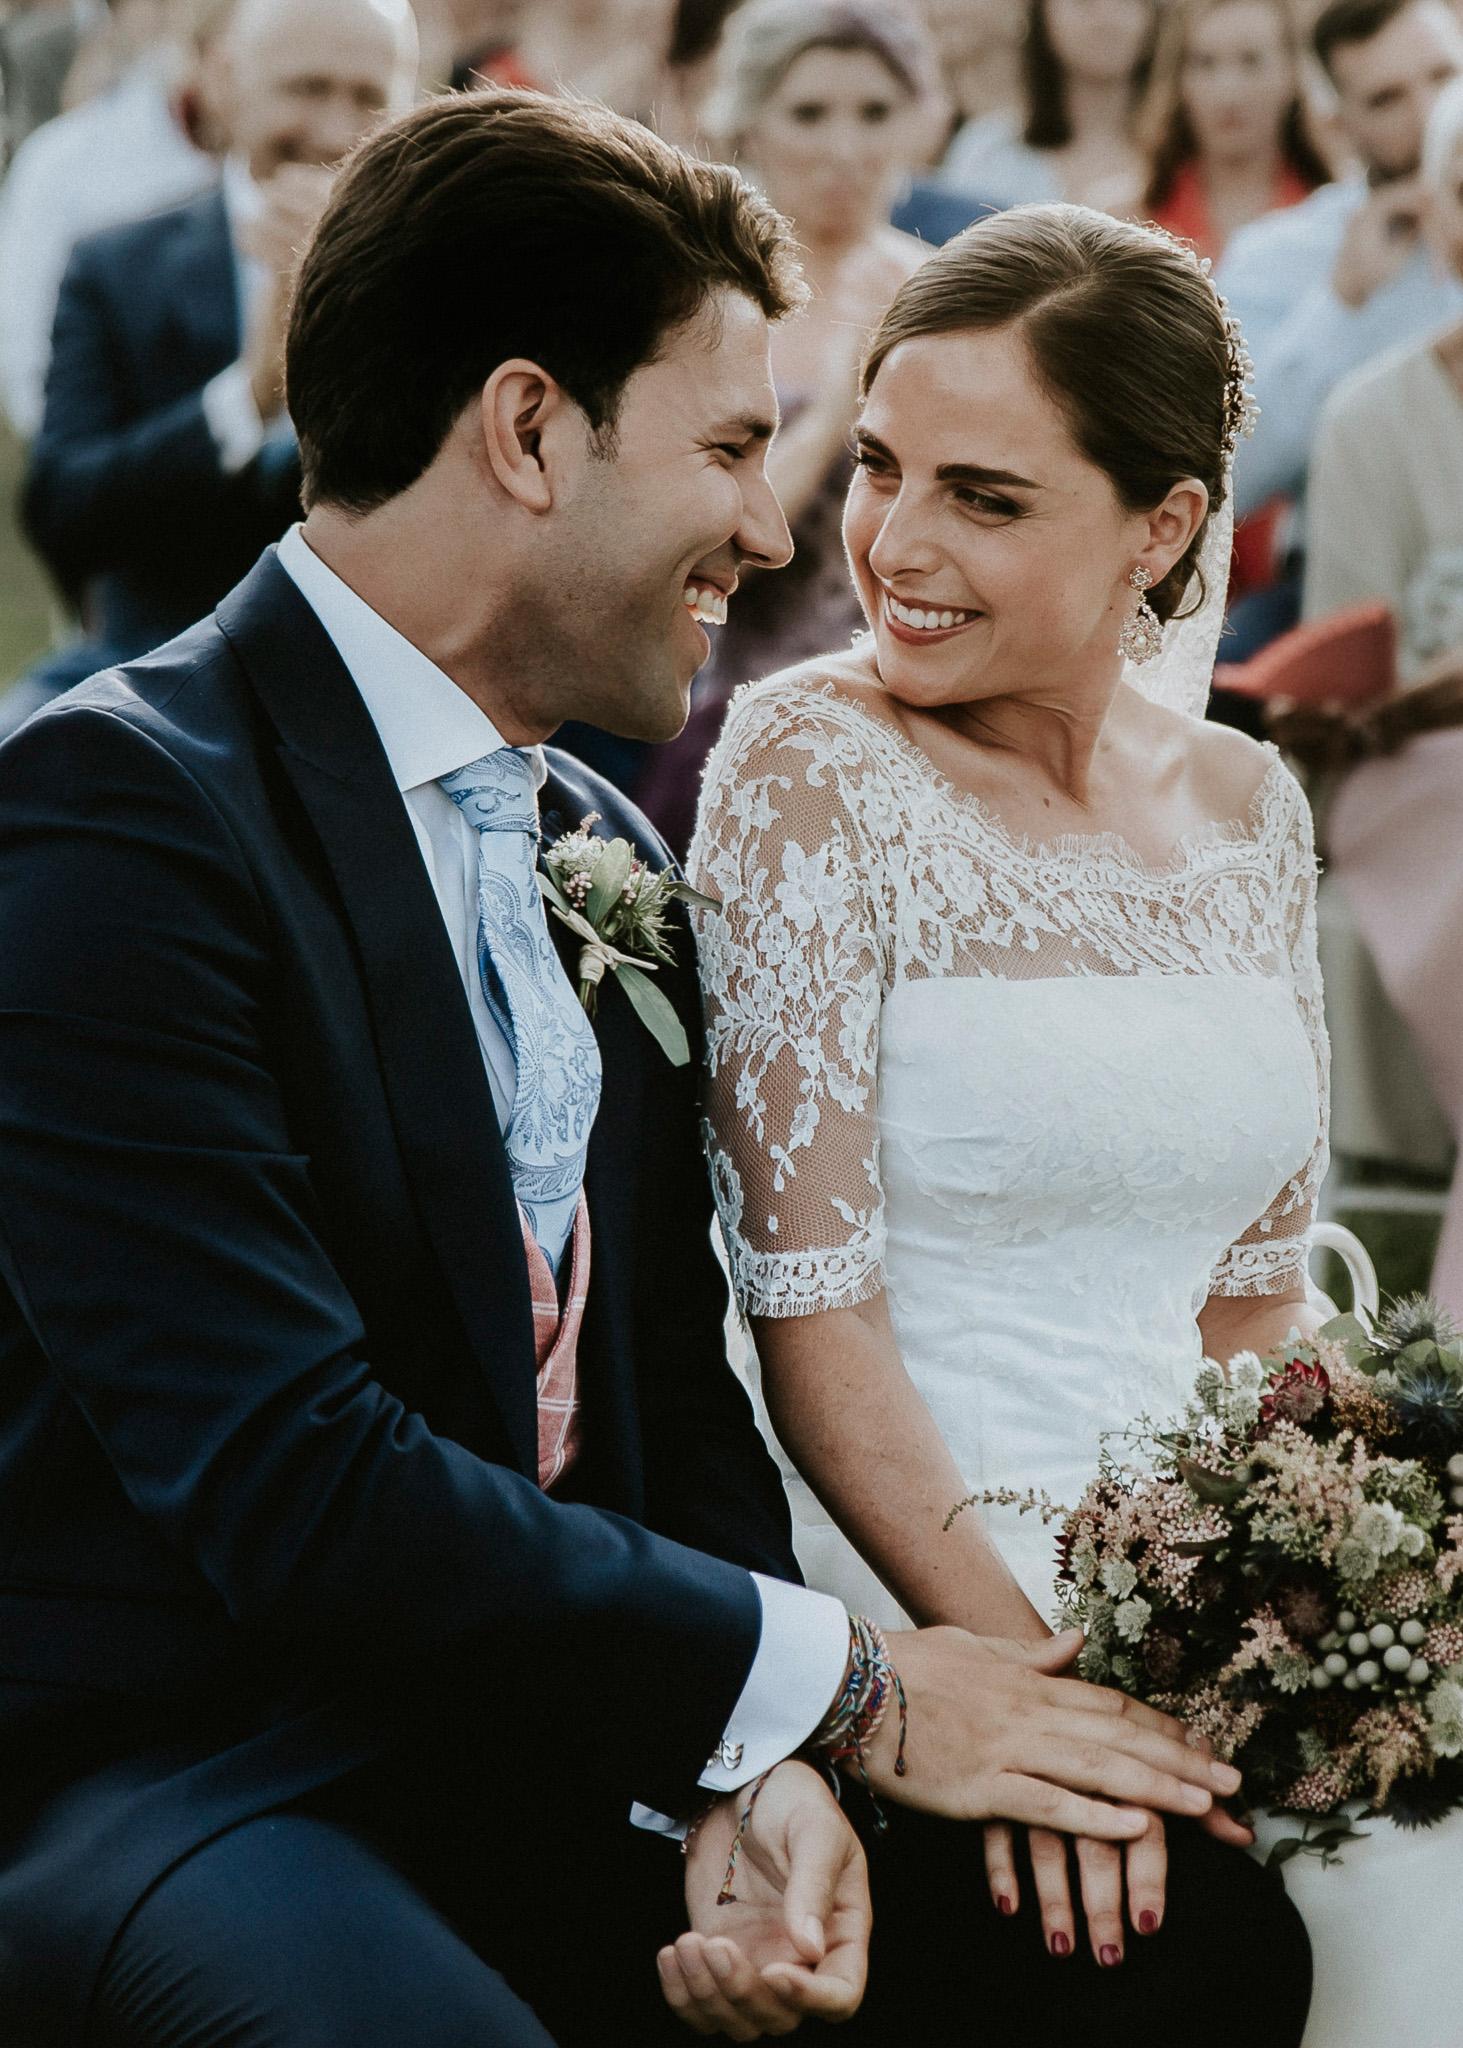 Fotografías de boda ¿de día o de noche? Los mejores profesionales responden